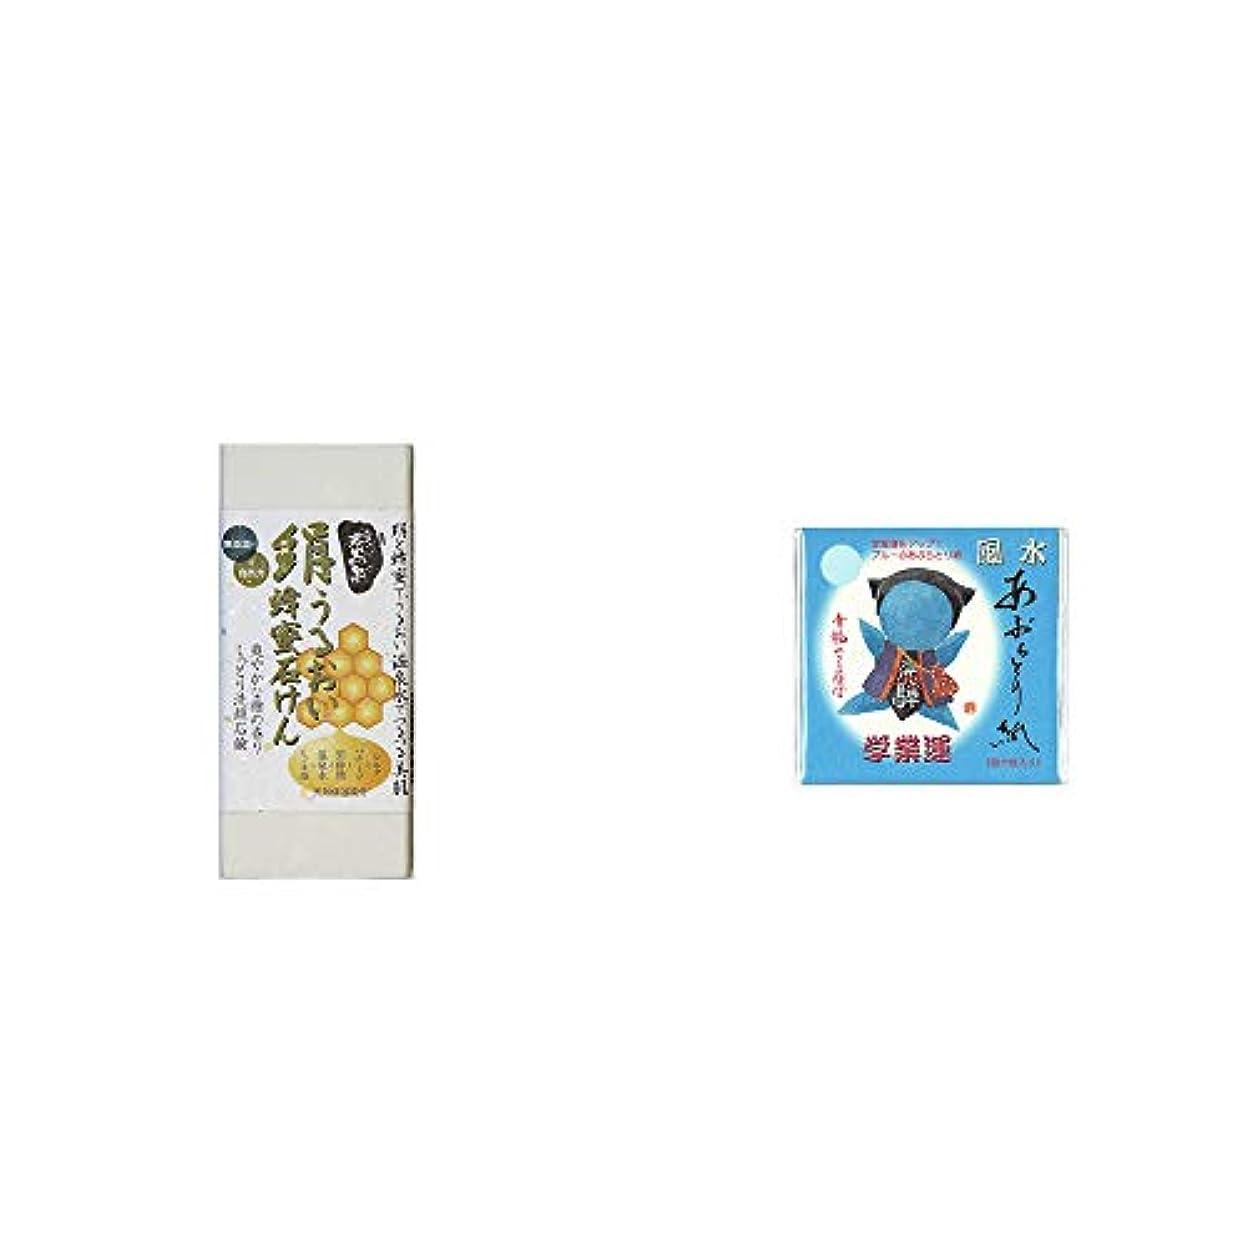 足音インデックス苦情文句[2点セット] ひのき炭黒泉 絹うるおい蜂蜜石けん(75g×2)?さるぼぼ 風水あぶらとり紙【ブルー】